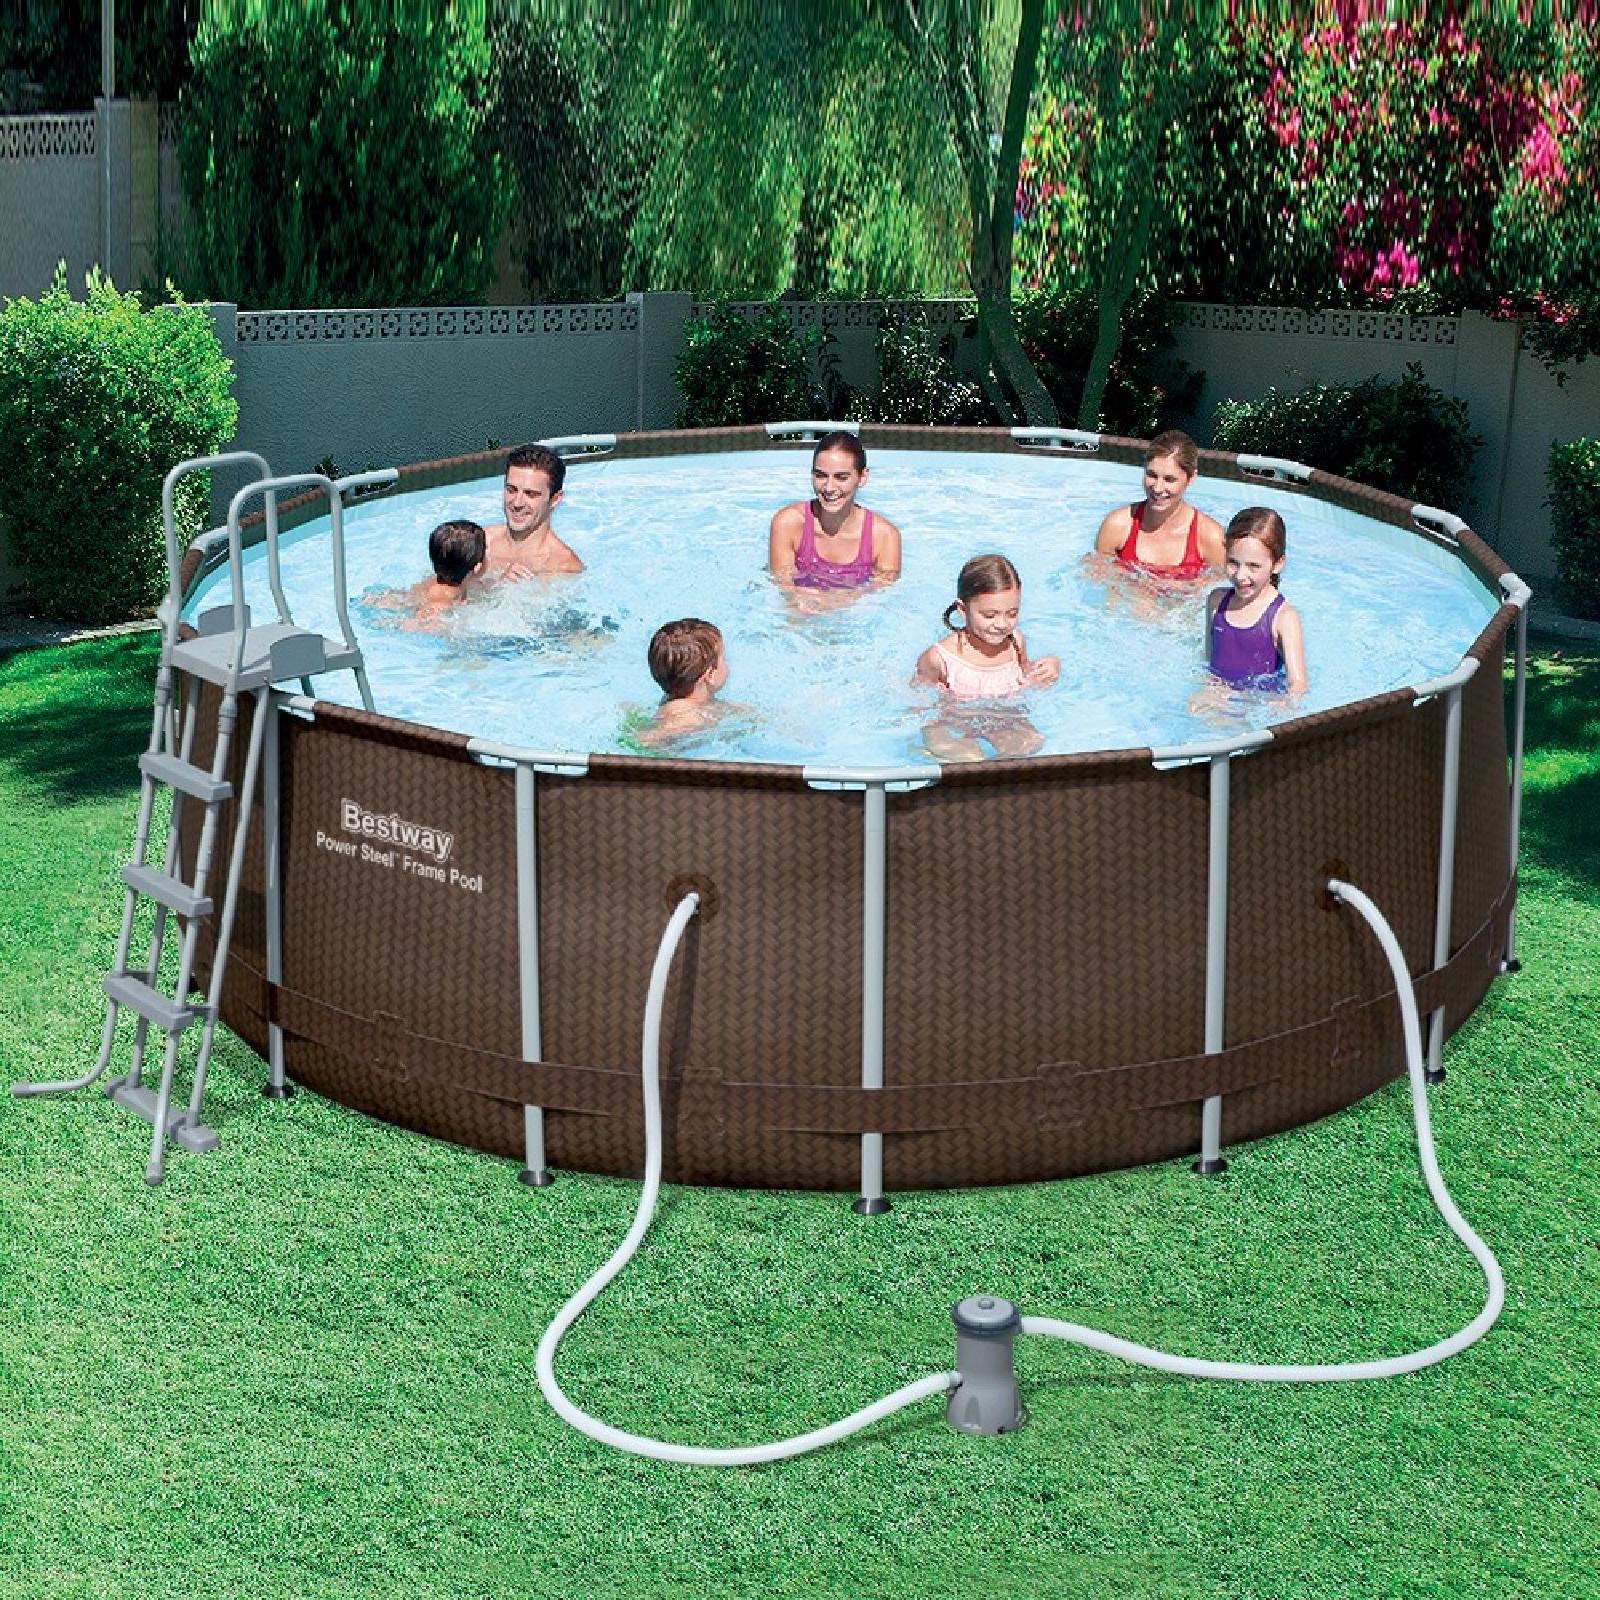 Hyttekjokken ikea for Bestway pool bauhaus